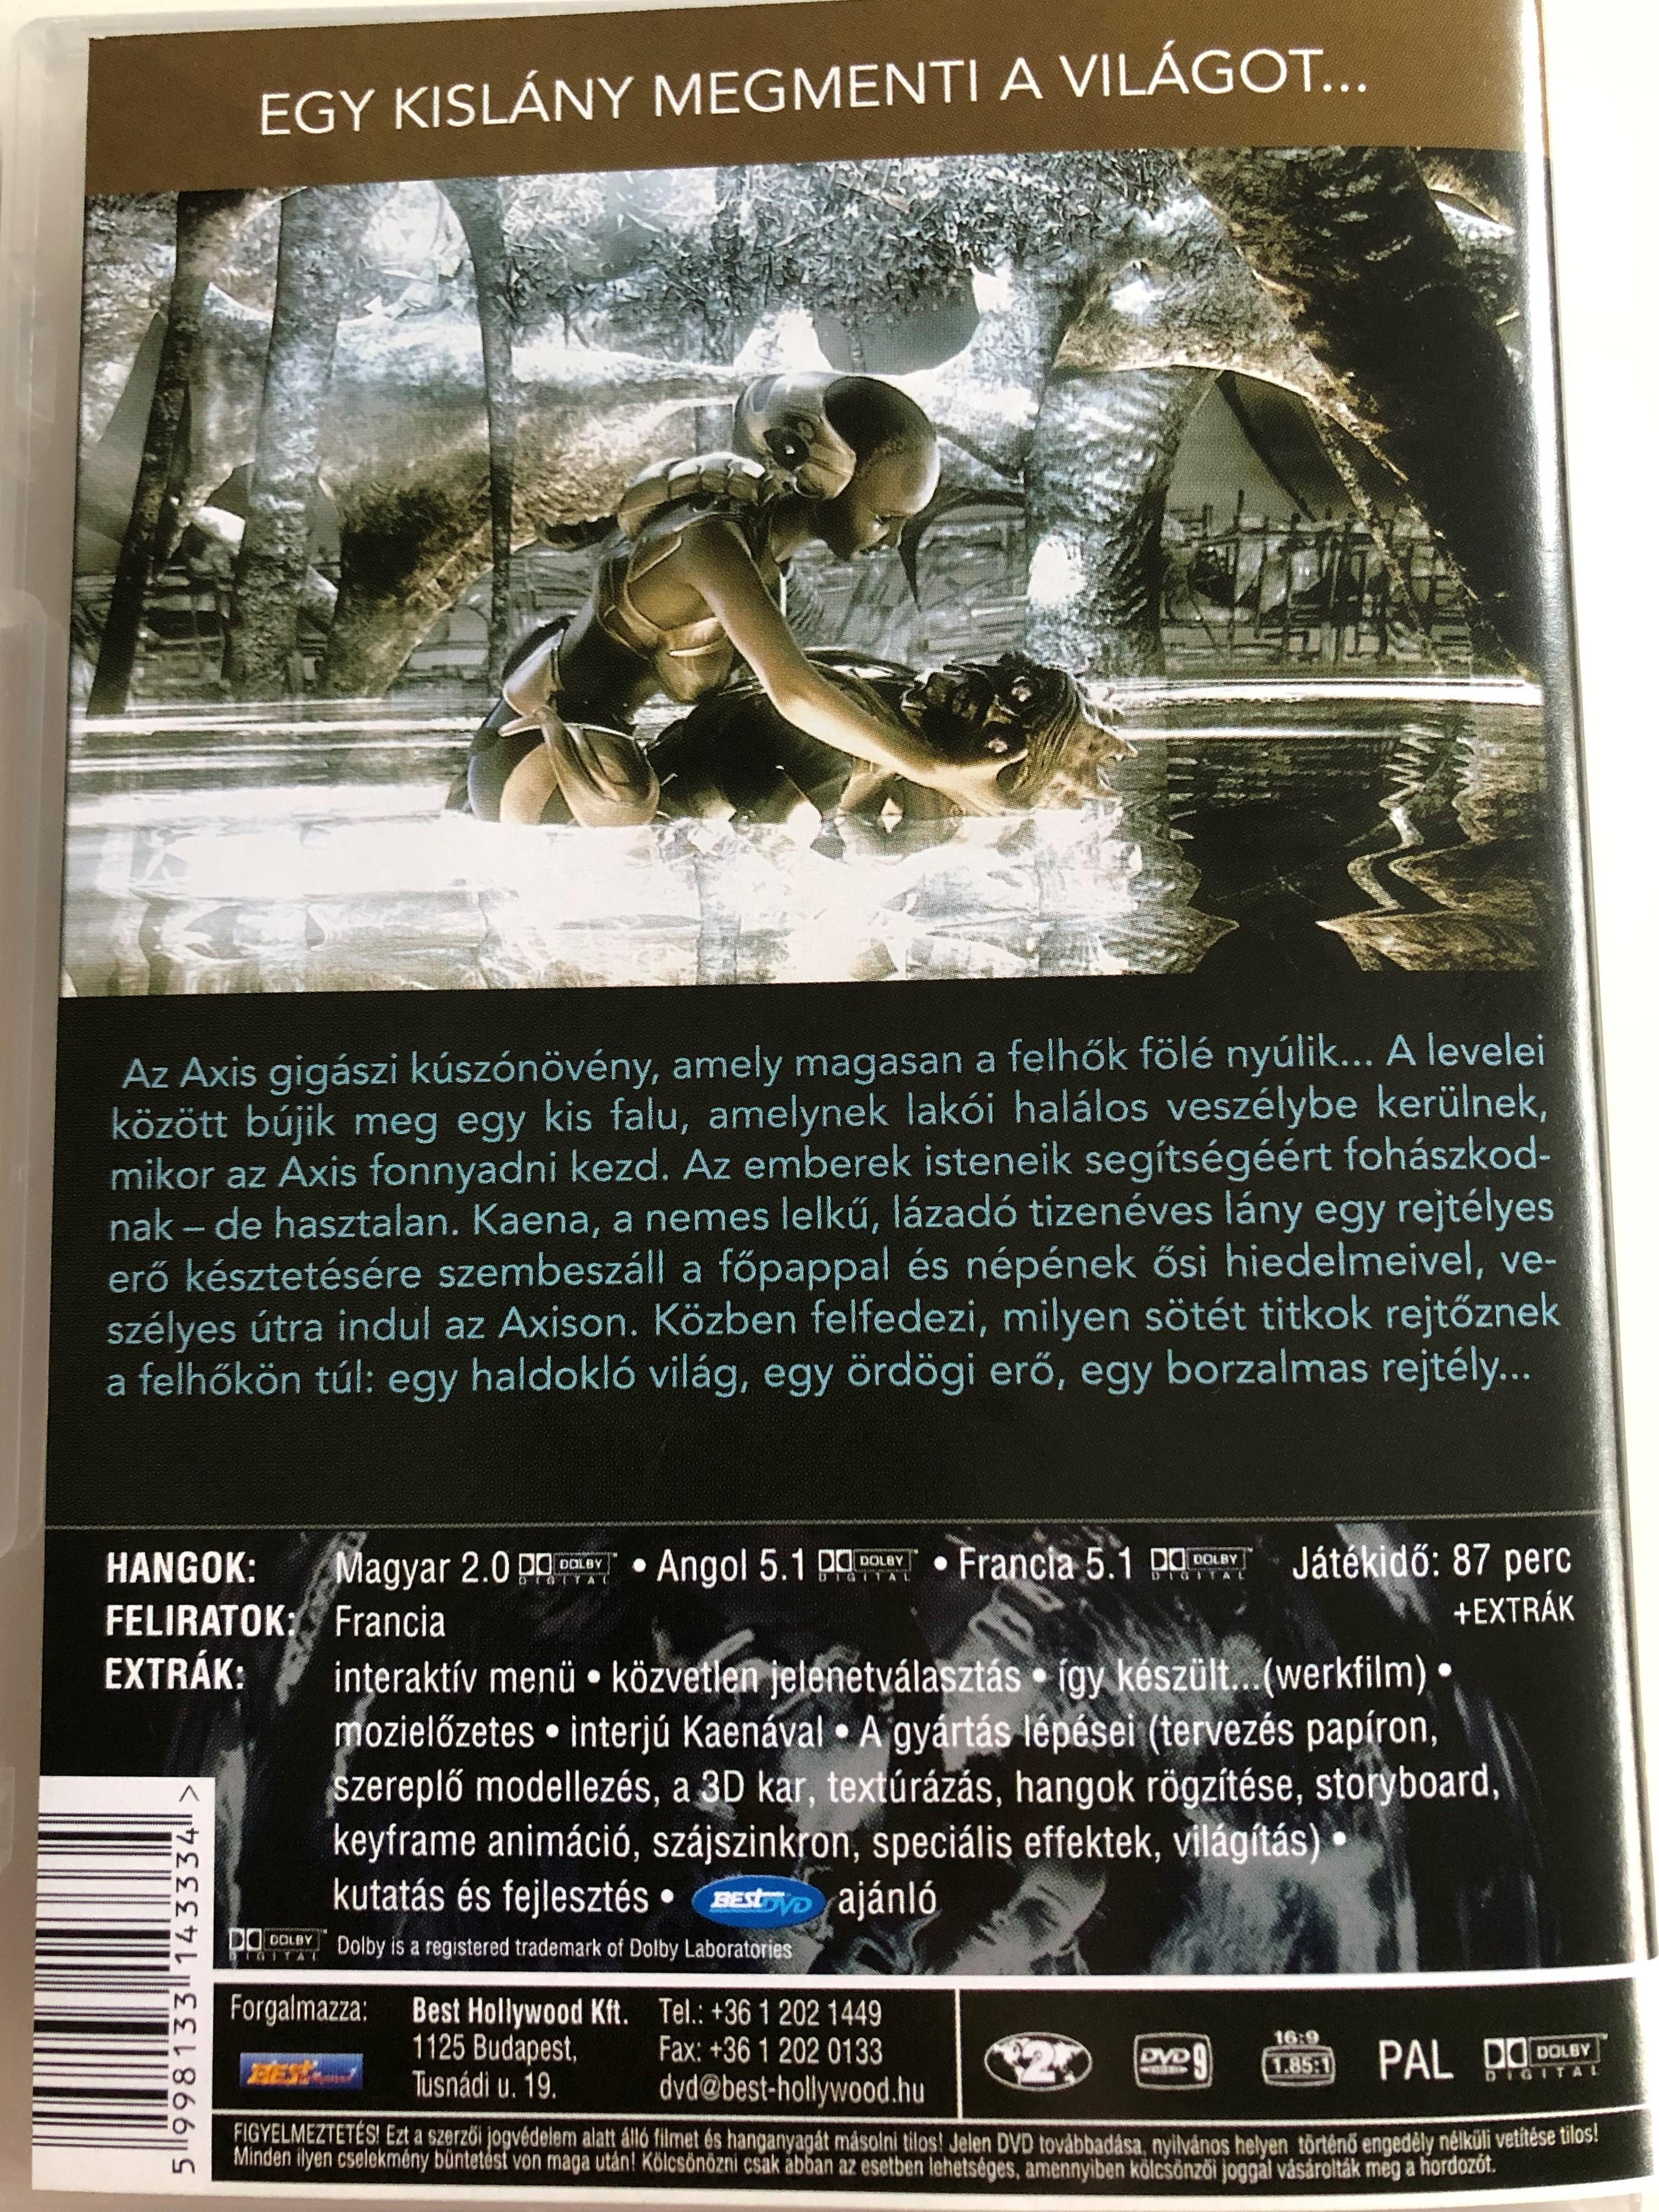 kaena-la-proph-tie-dvd-2003-kaena-a-pr-f-cia-kaena-the-prophecy-directed-by-chris-delaporte-2.jpg